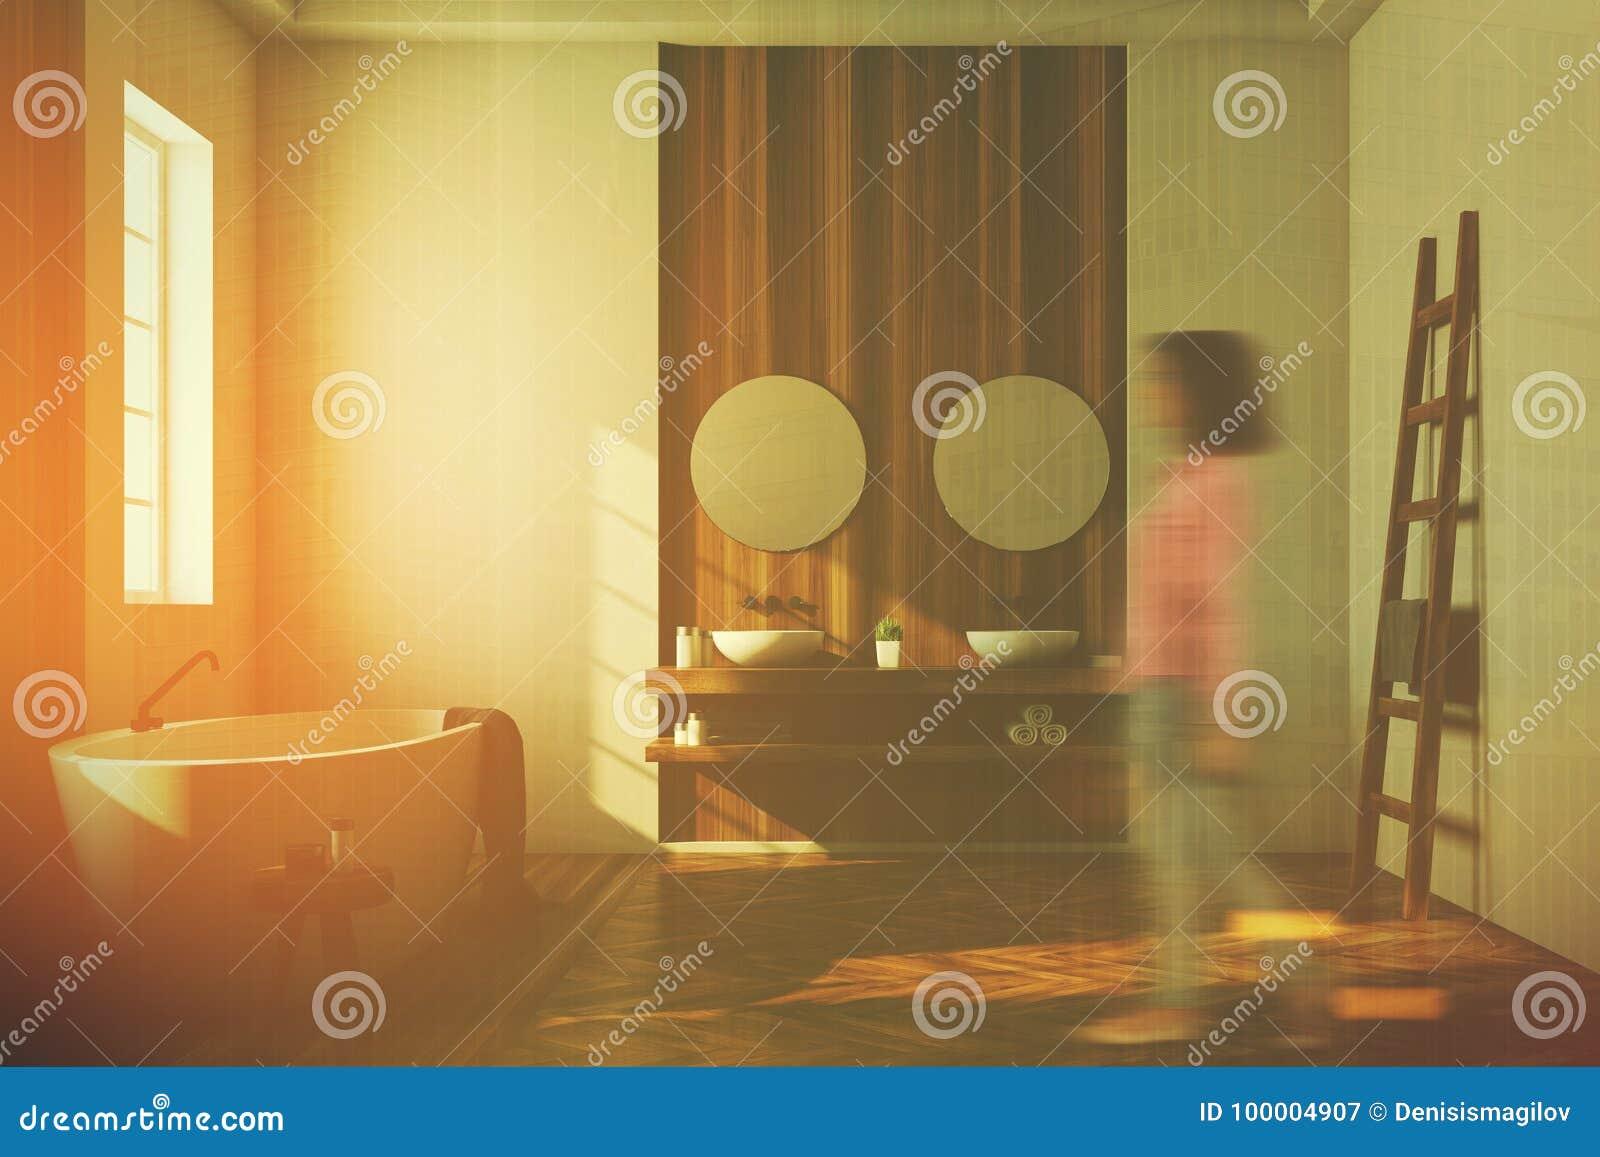 Det vita och träbadrummet, vit badar, avspeglar, flickan